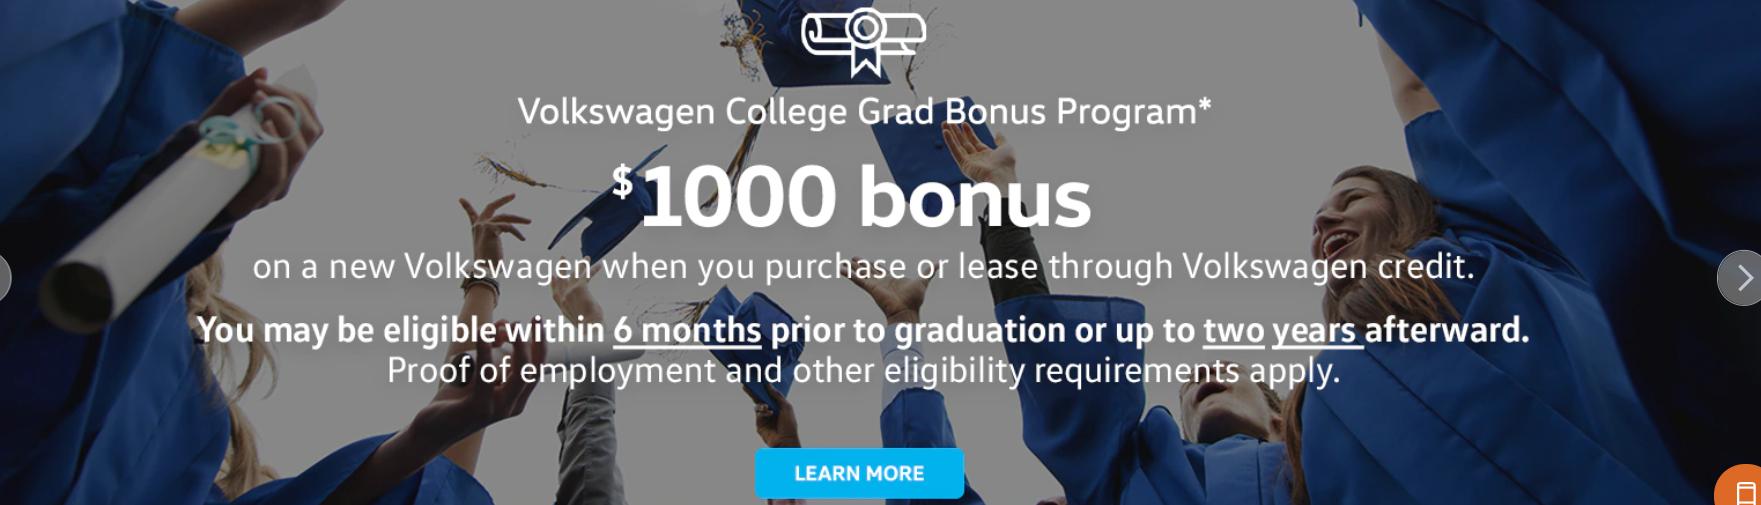 $1000 Grad Bonus